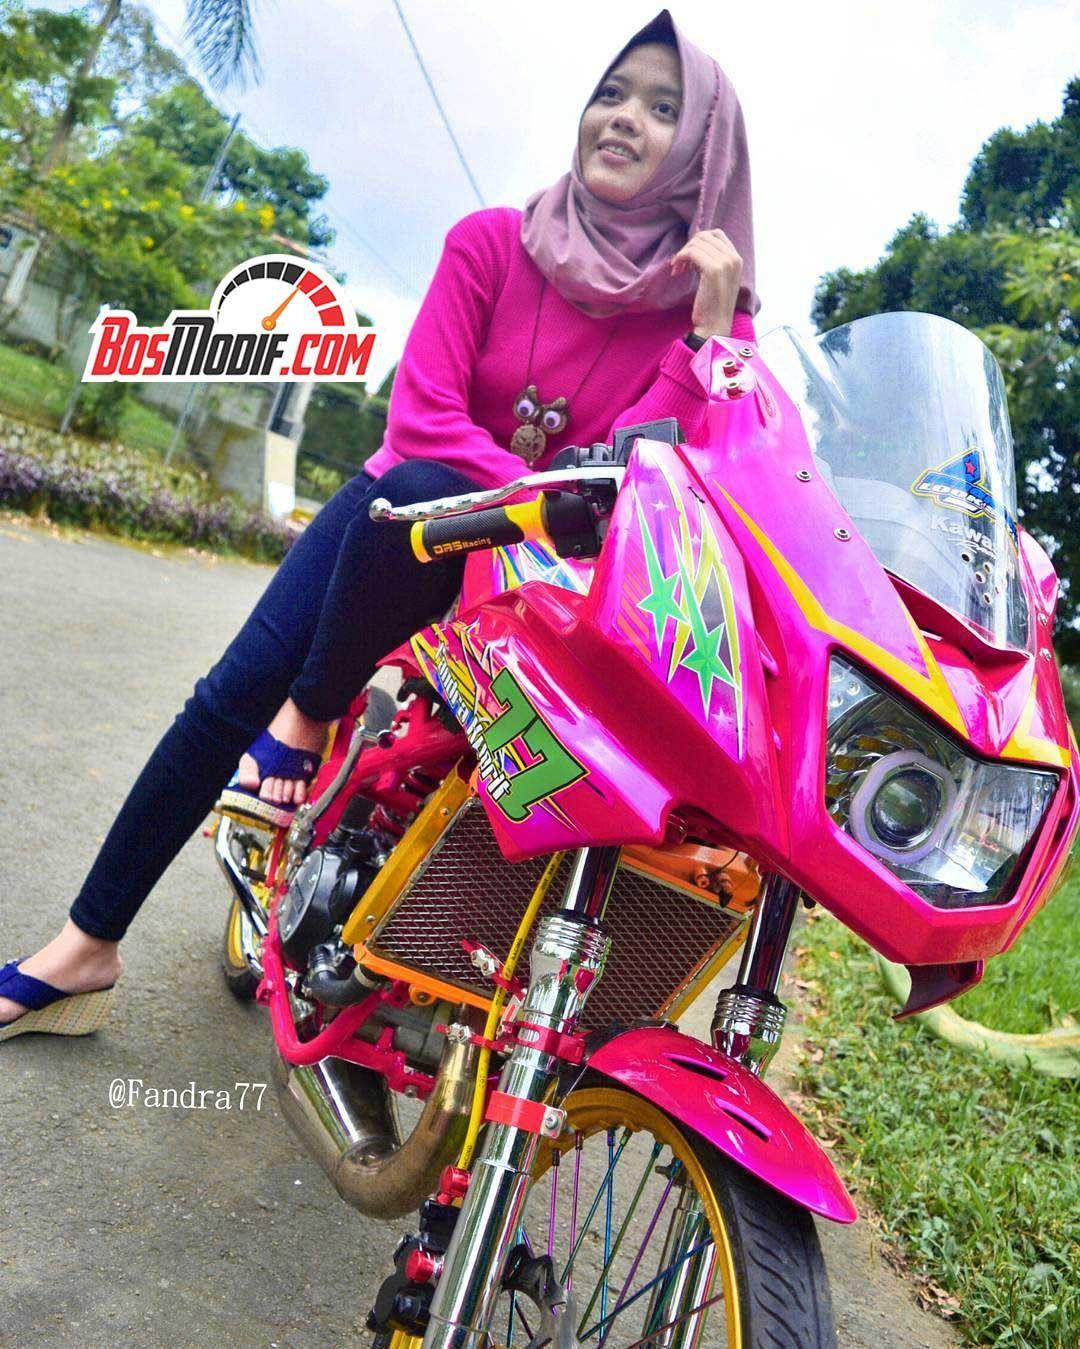 Modifikasi Motor Kawasaki Ninja Dan Cewek Warna Pink Keren Pakai